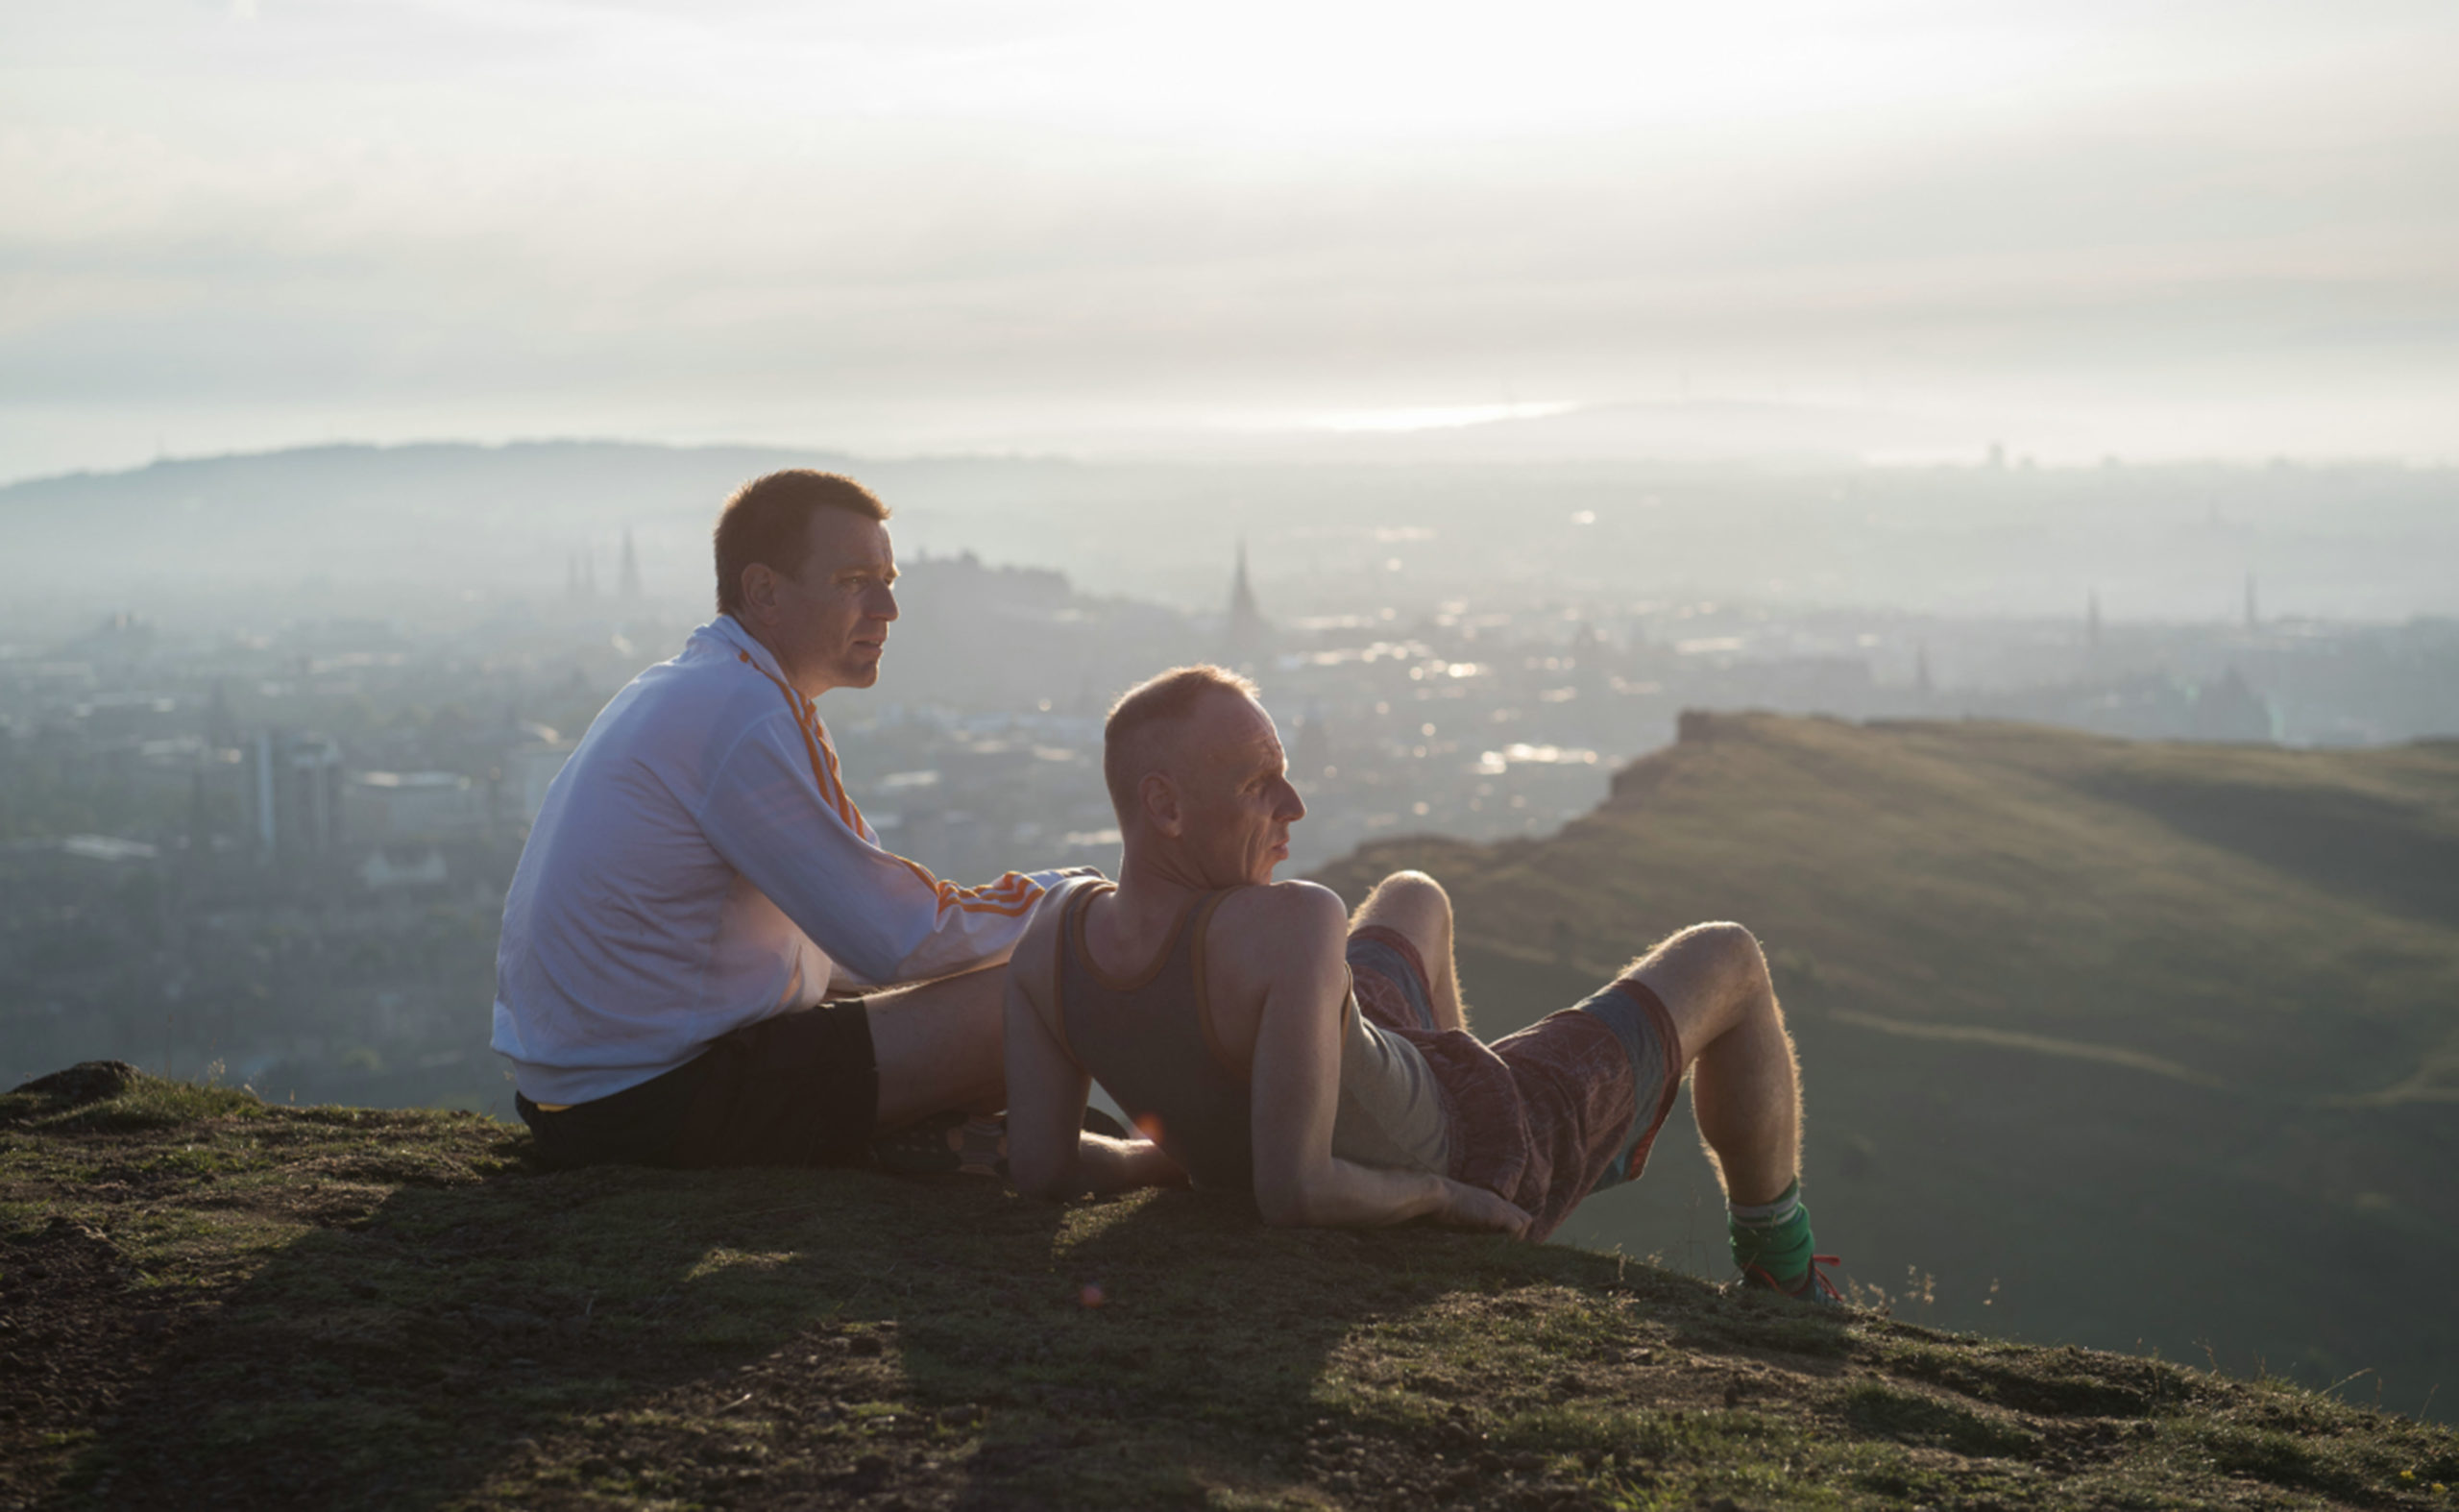 Ewan McGregor and Ewen Bremner in T2 Trainspotting